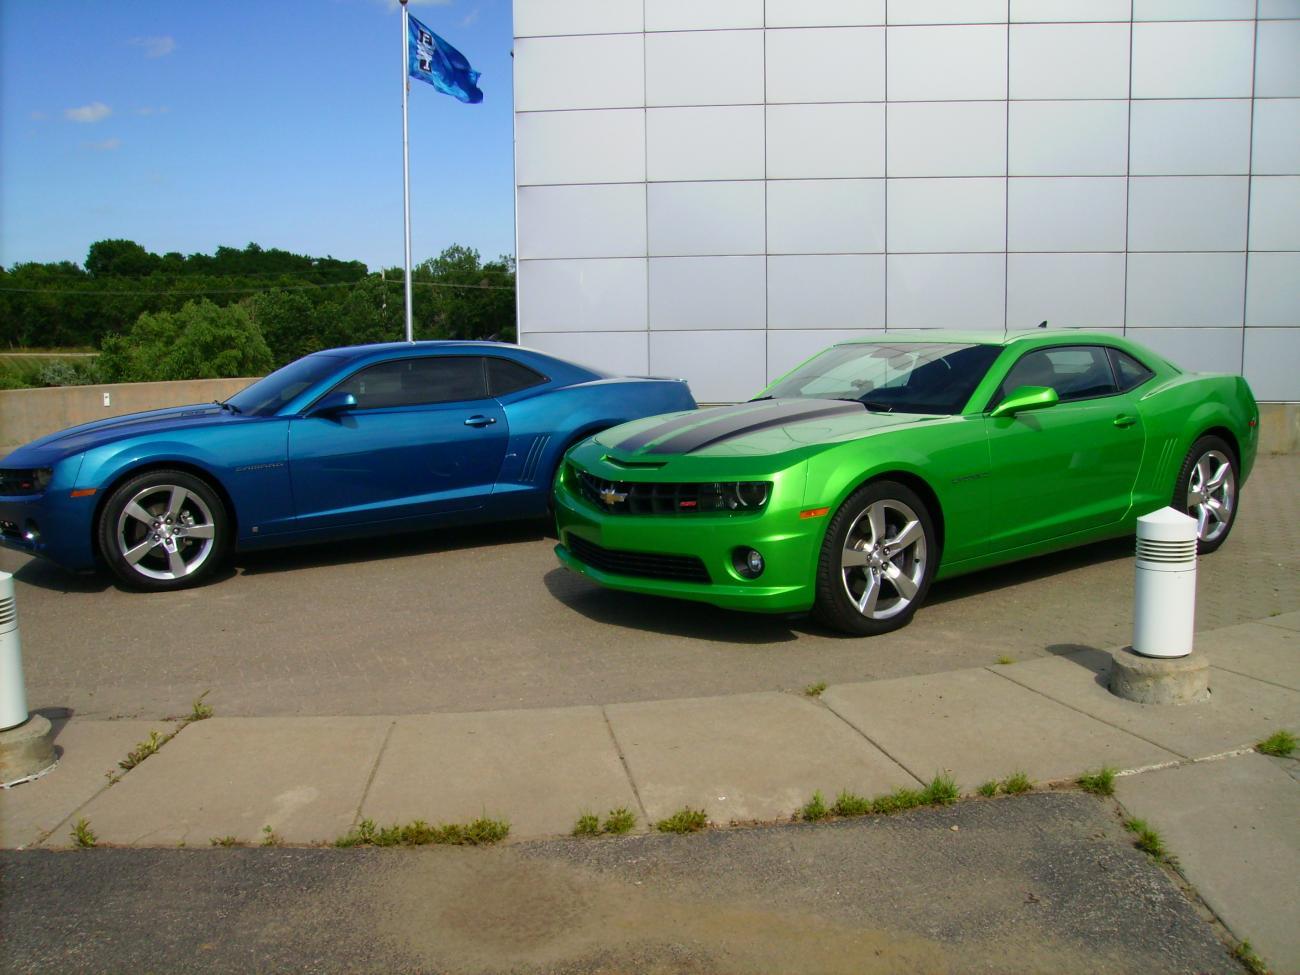 2010 Aqua Blue Camaro Ss For Sale In Ohio Html Autos Post